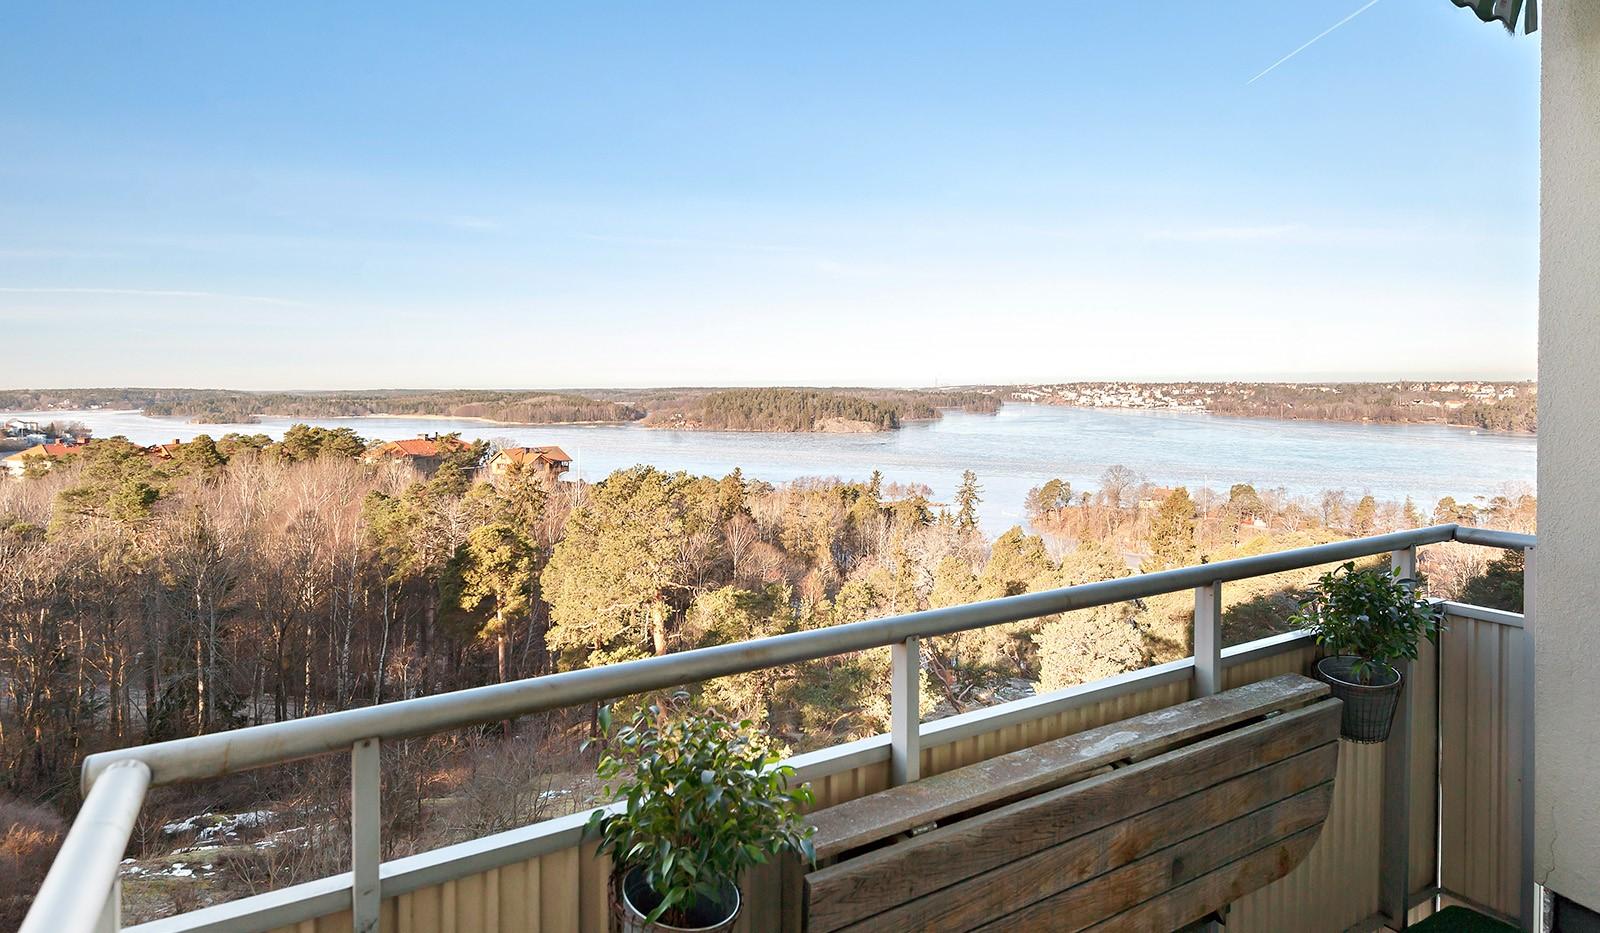 Klubbacken 39, 3 tr - Oslagbar utsikt över Mälaren från balkongen i bästa möjliga söderläge